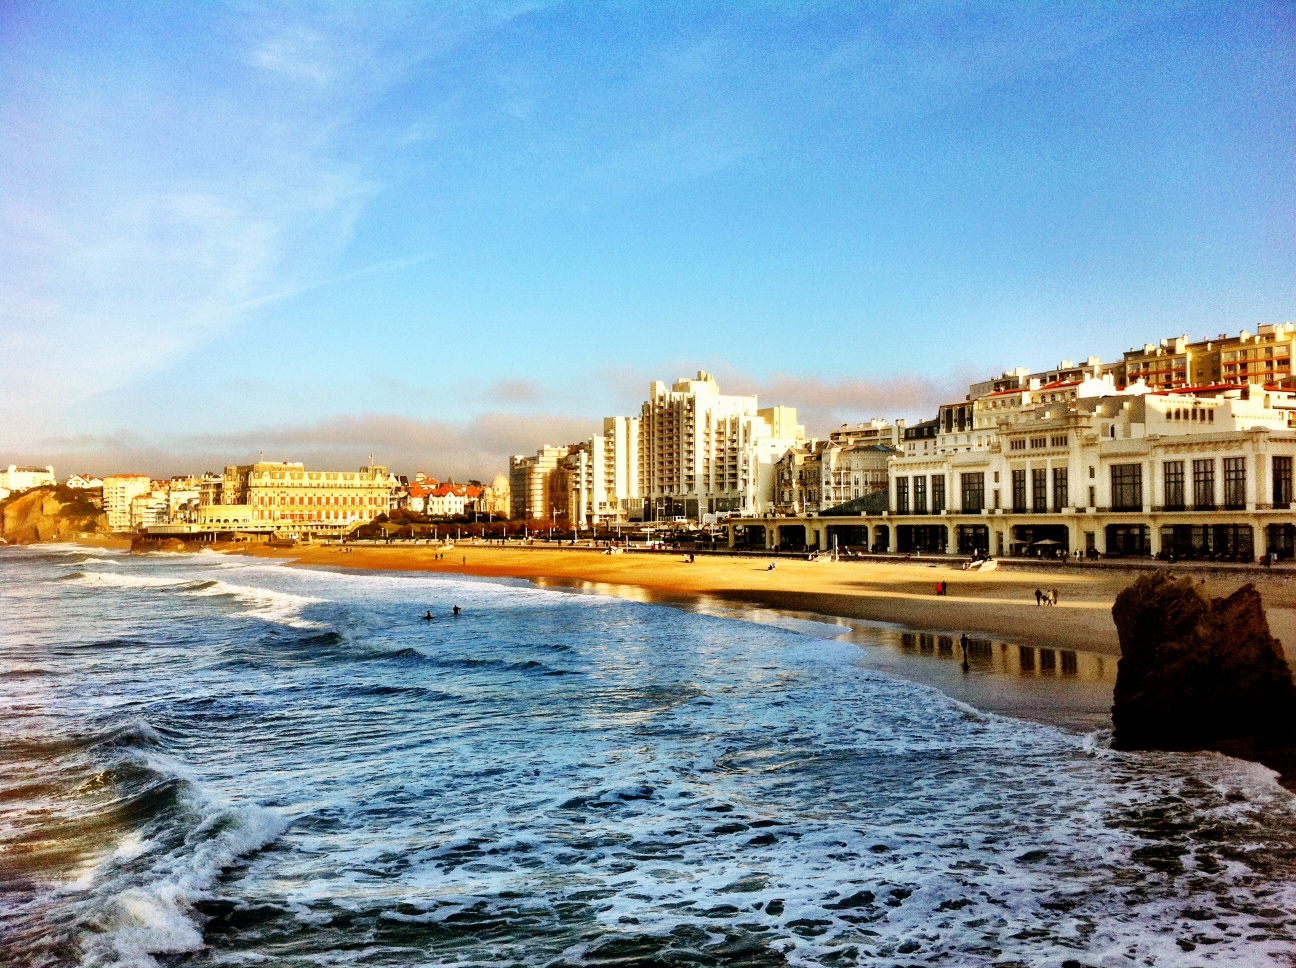 Biarritz Still Has That Sparkle